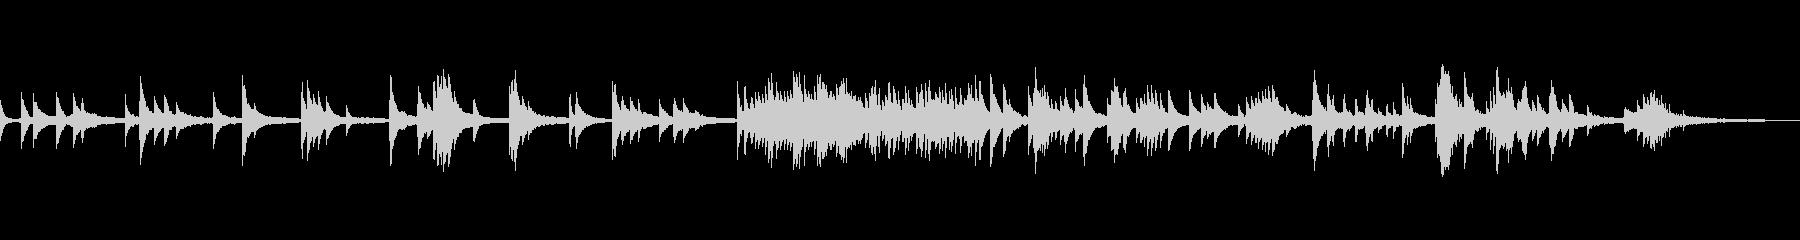 映像・ナレーション用ピアノ演奏(切なさ)の未再生の波形